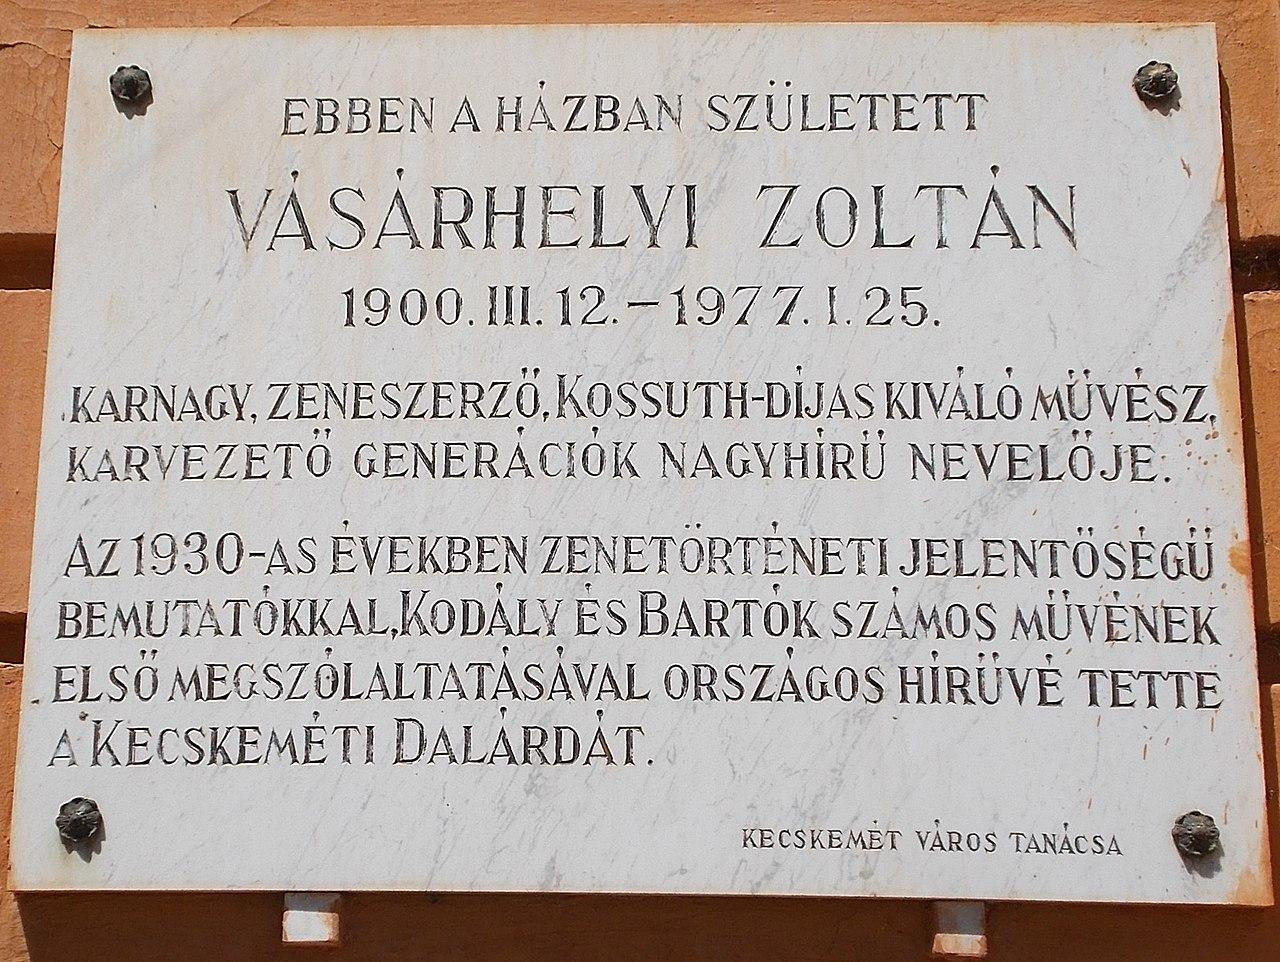 Filevsrhelyi Zoltn 1900 1977 Emlktbla Szchenyivros 2016